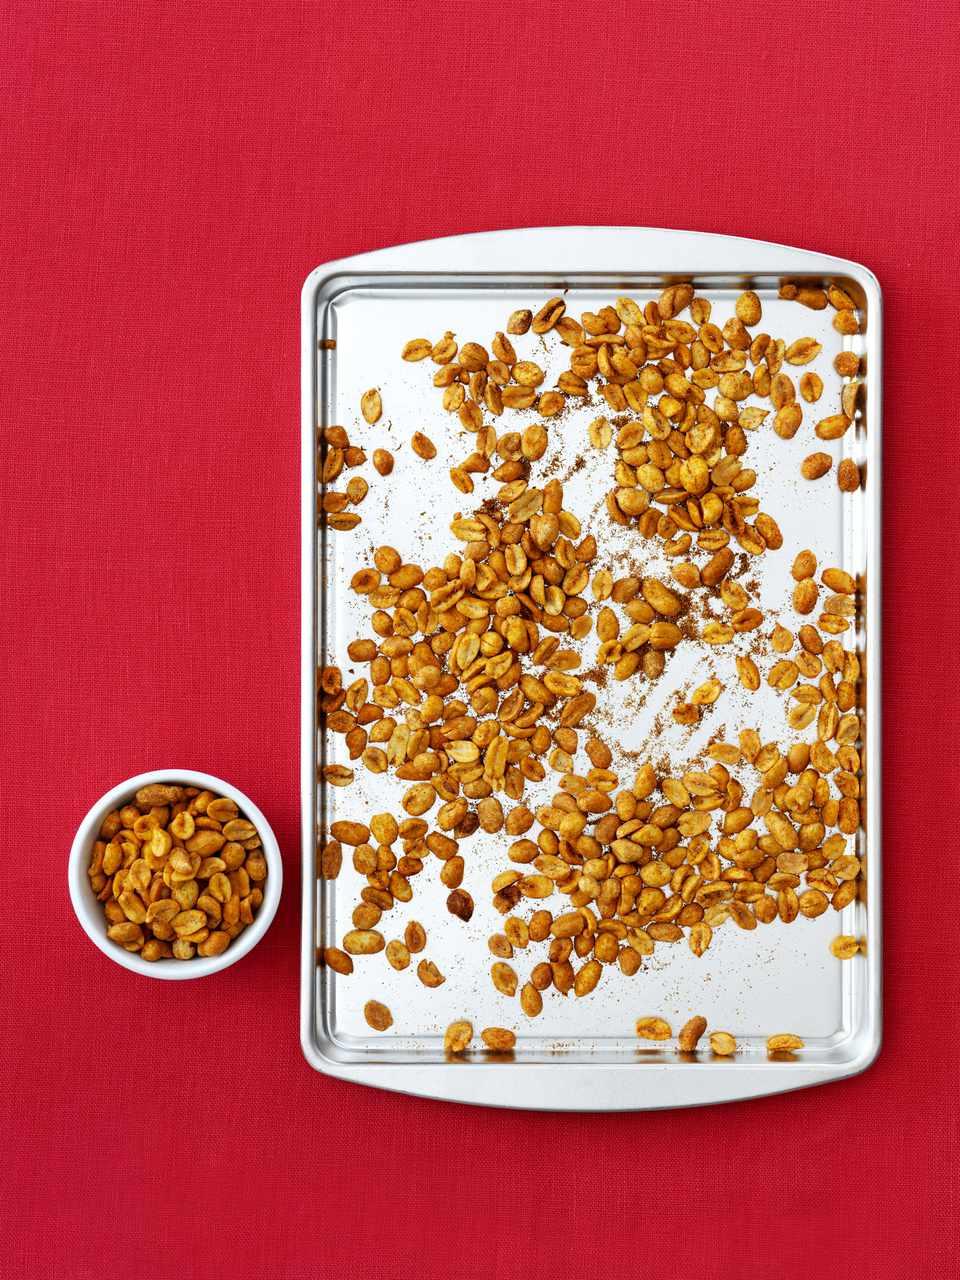 Spiced peanuts on tray